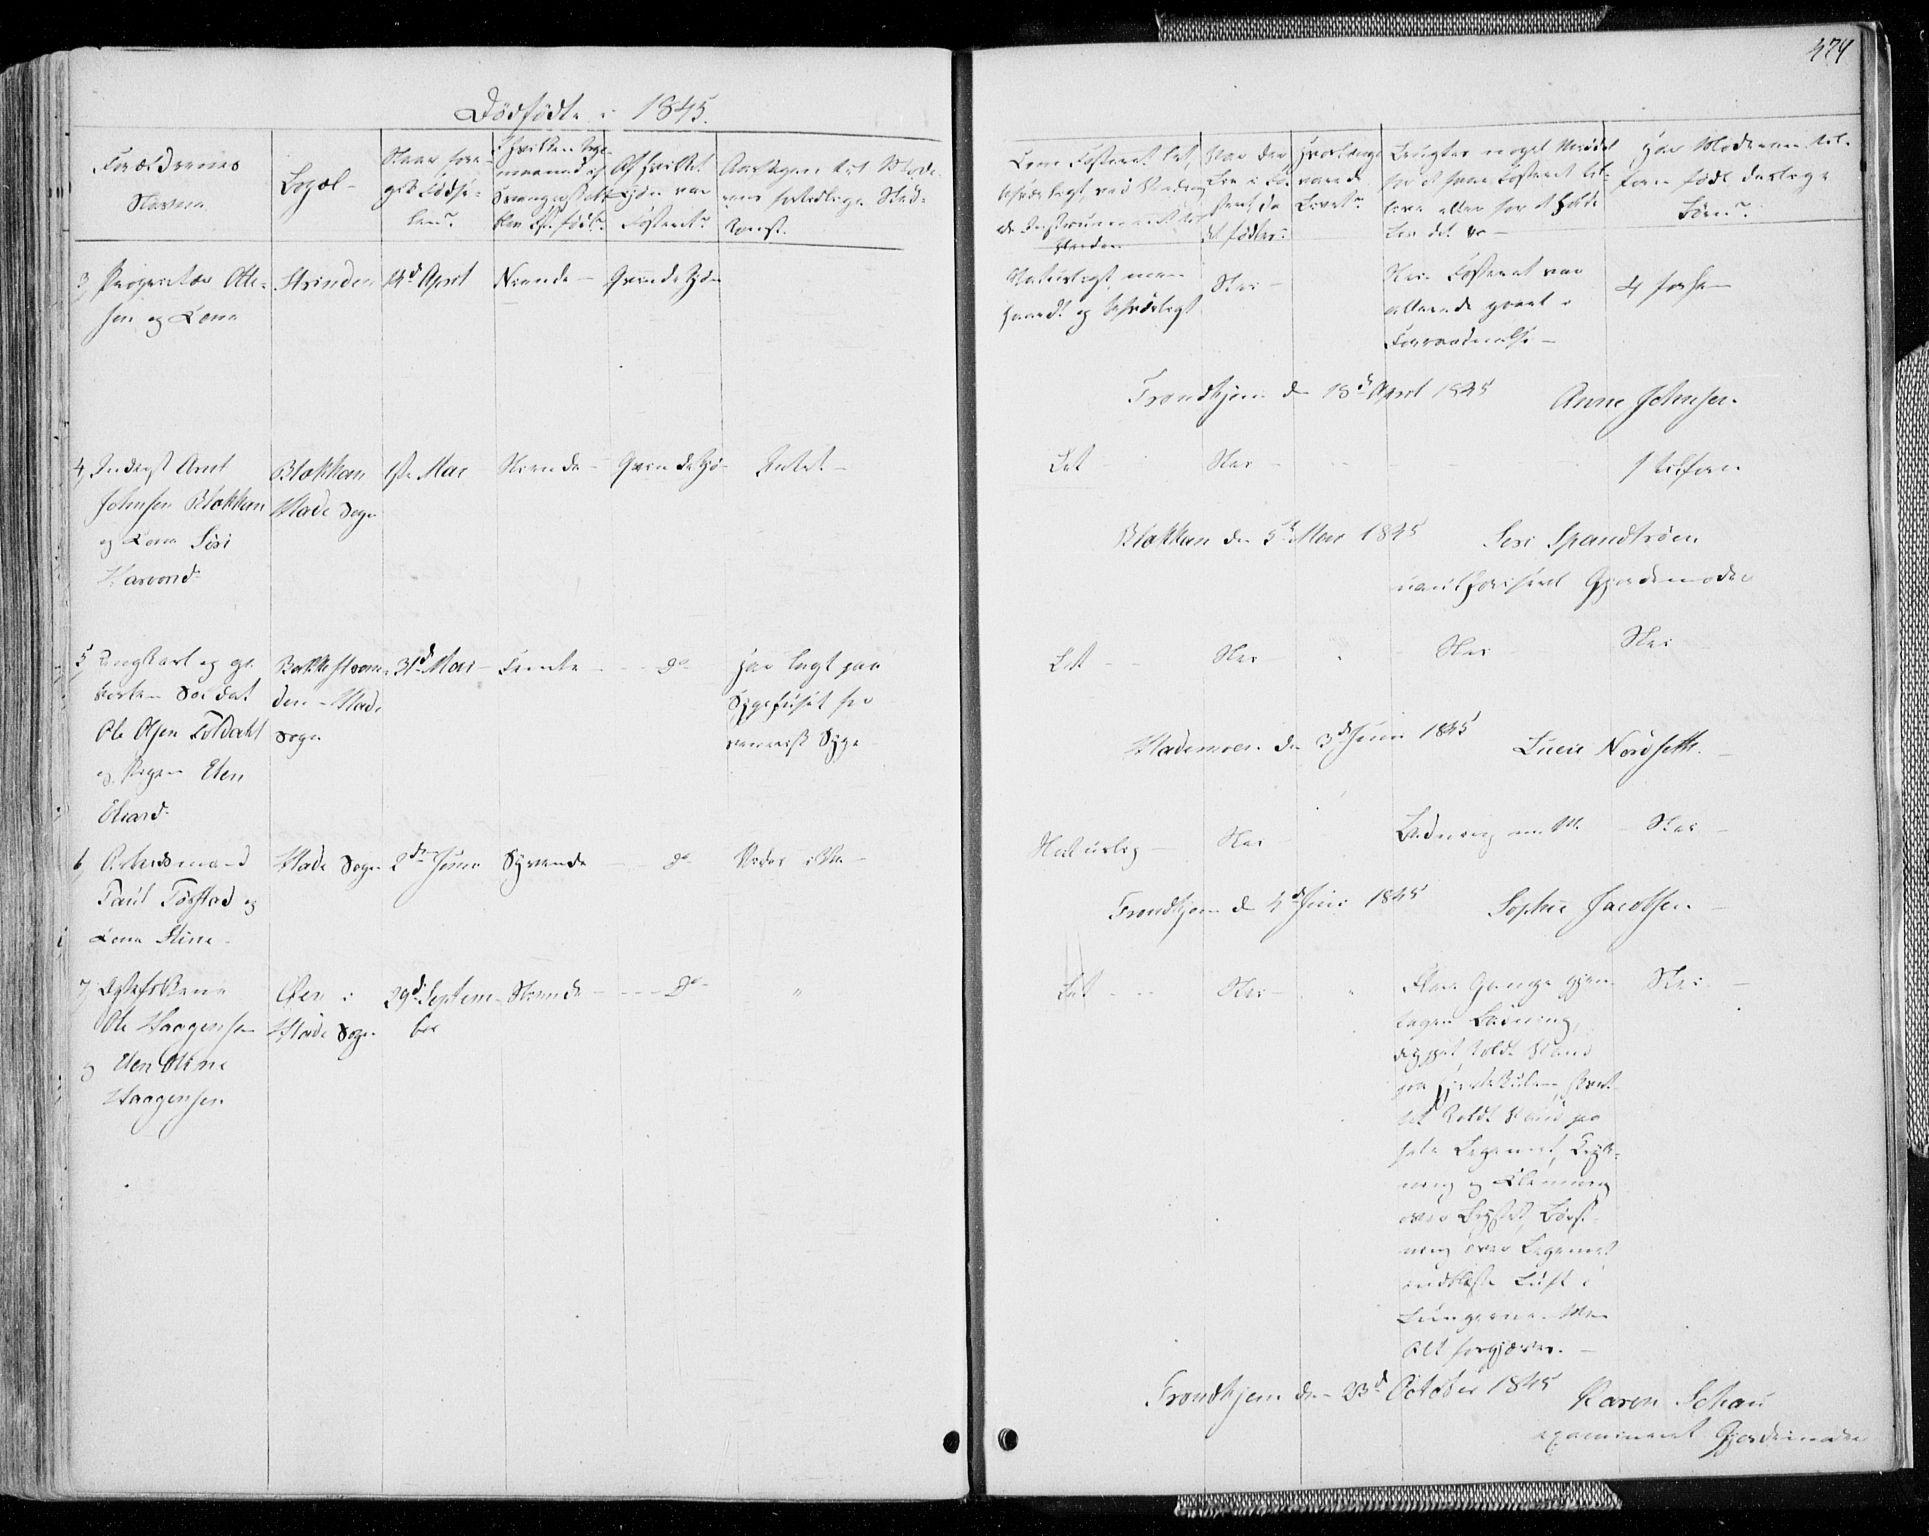 SAT, Ministerialprotokoller, klokkerbøker og fødselsregistre - Sør-Trøndelag, 606/L0290: Ministerialbok nr. 606A05, 1841-1847, s. 479